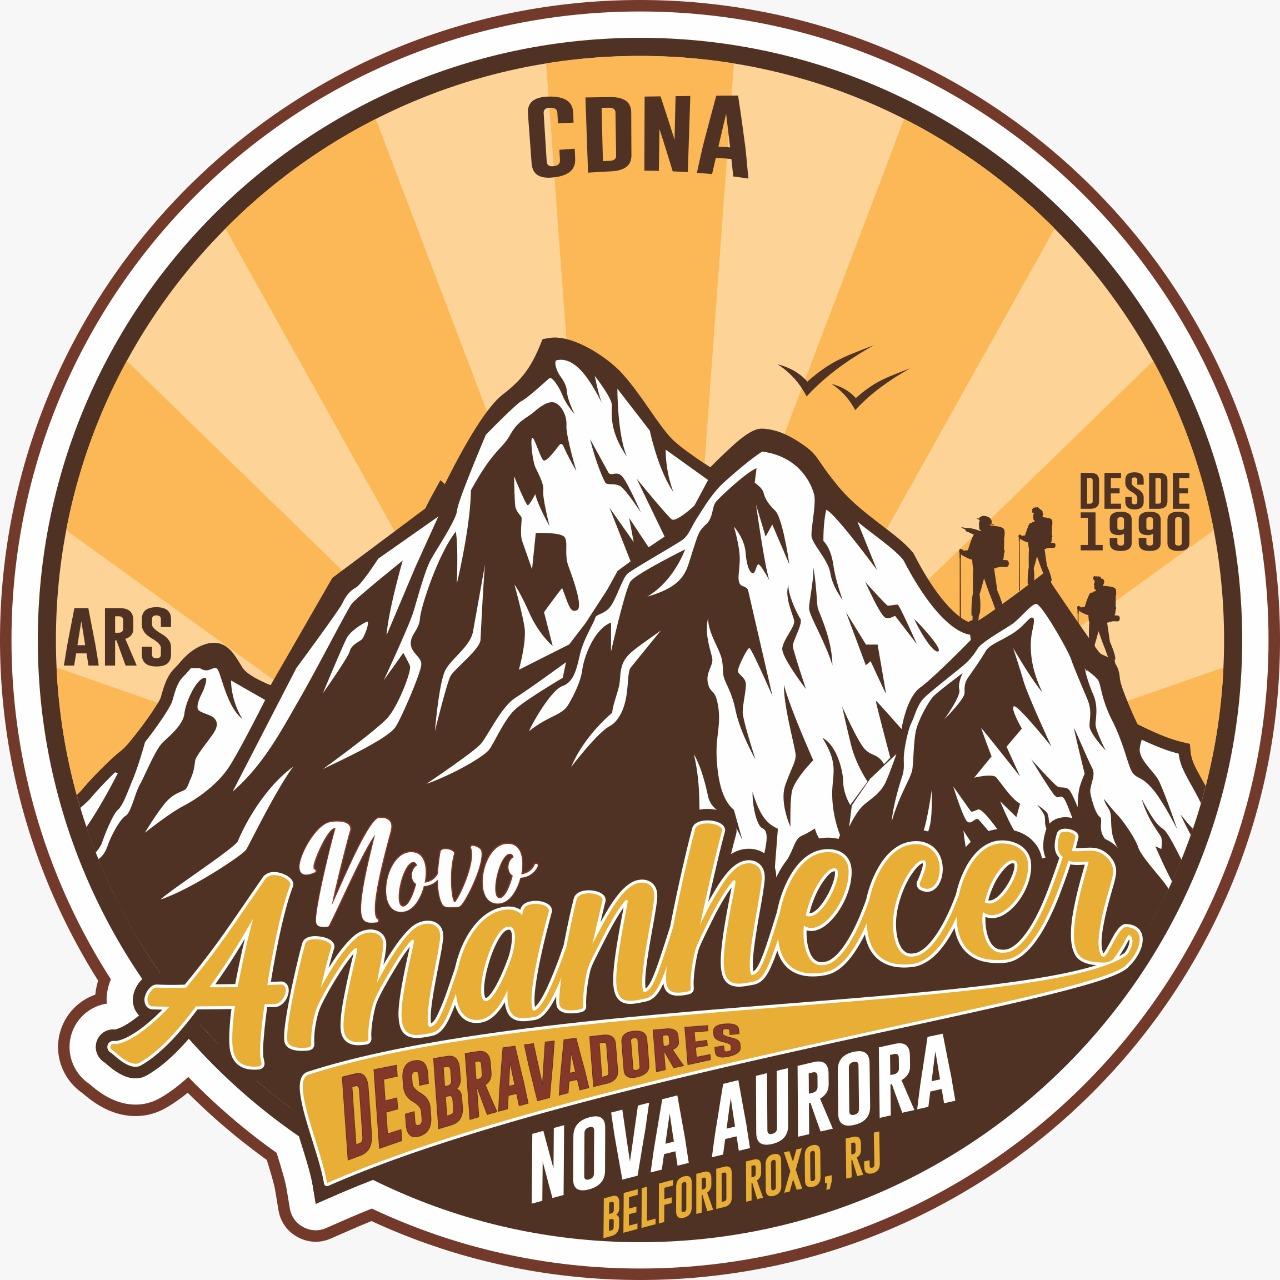 NOVO AMANHECER